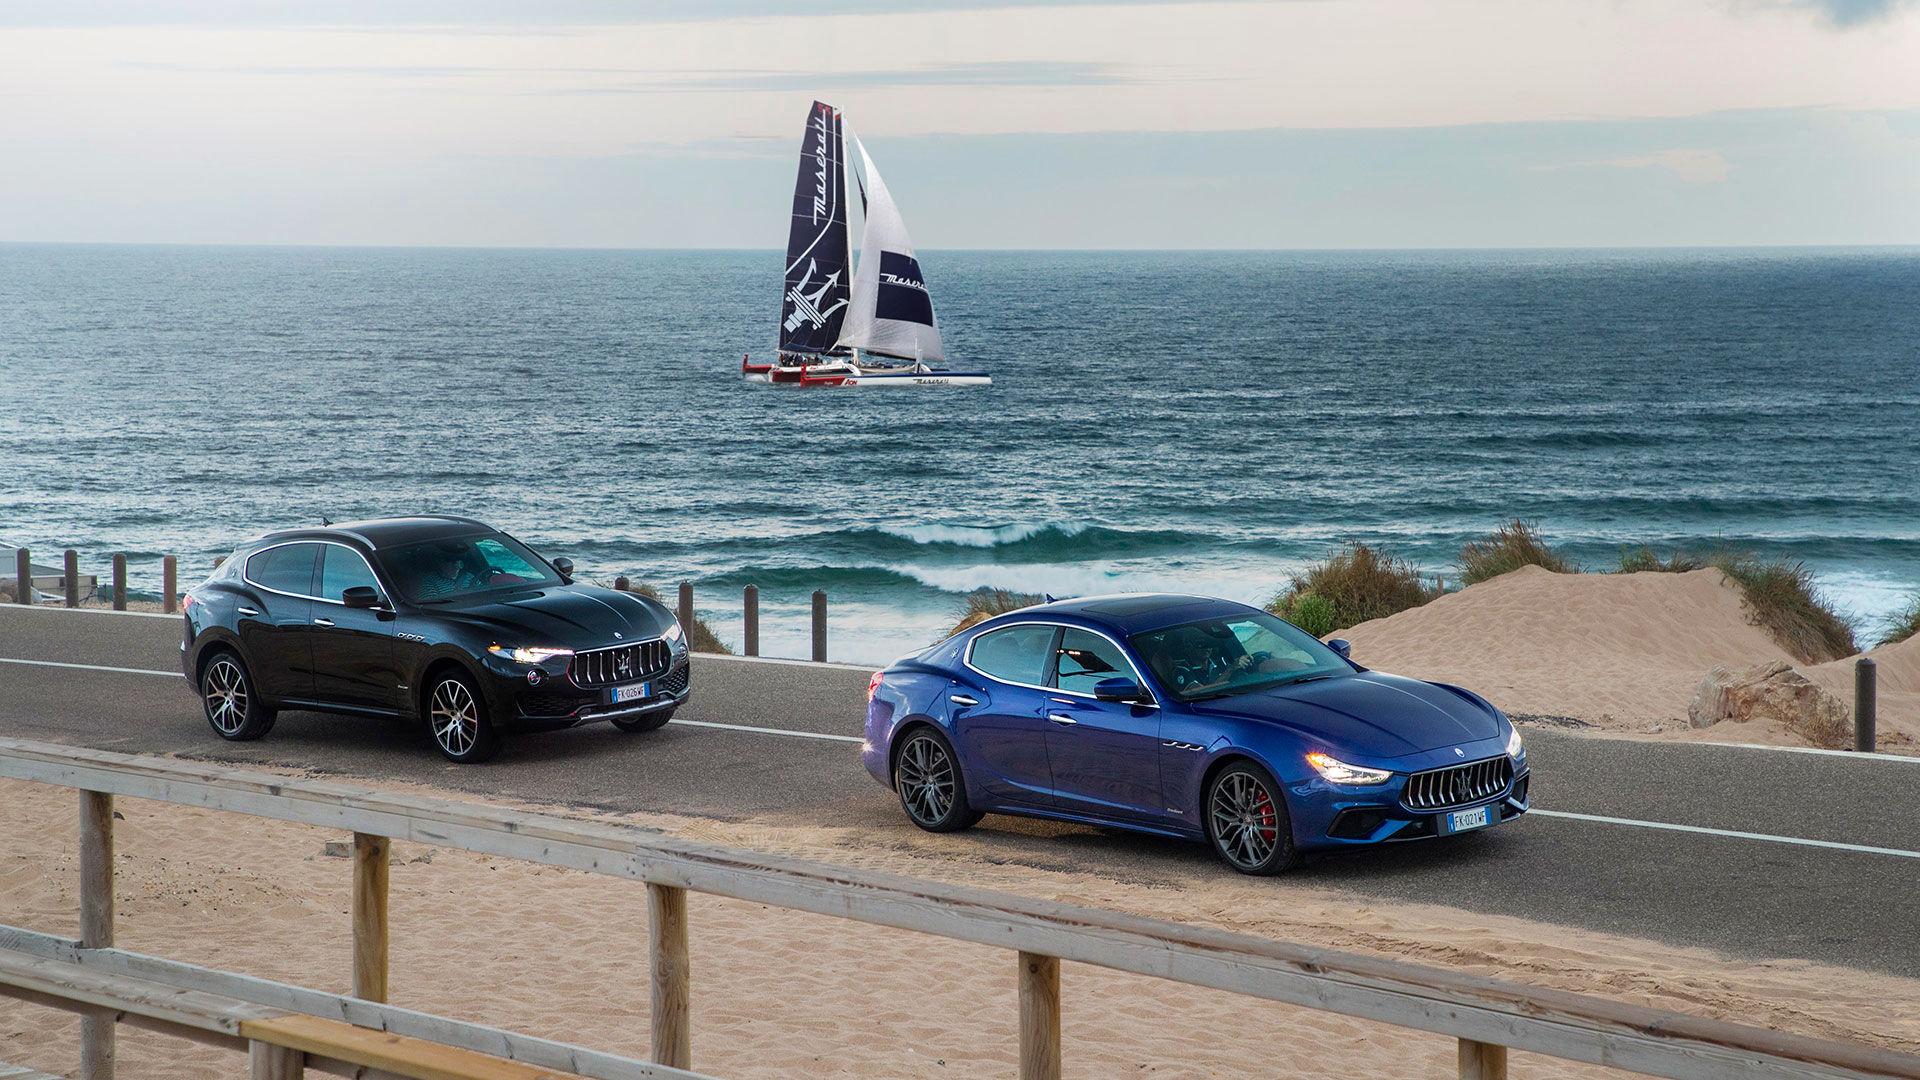 Il trimarano Maserati Multi70 al largo della Baja Sardinia per Maserati Drive&Sail Experience